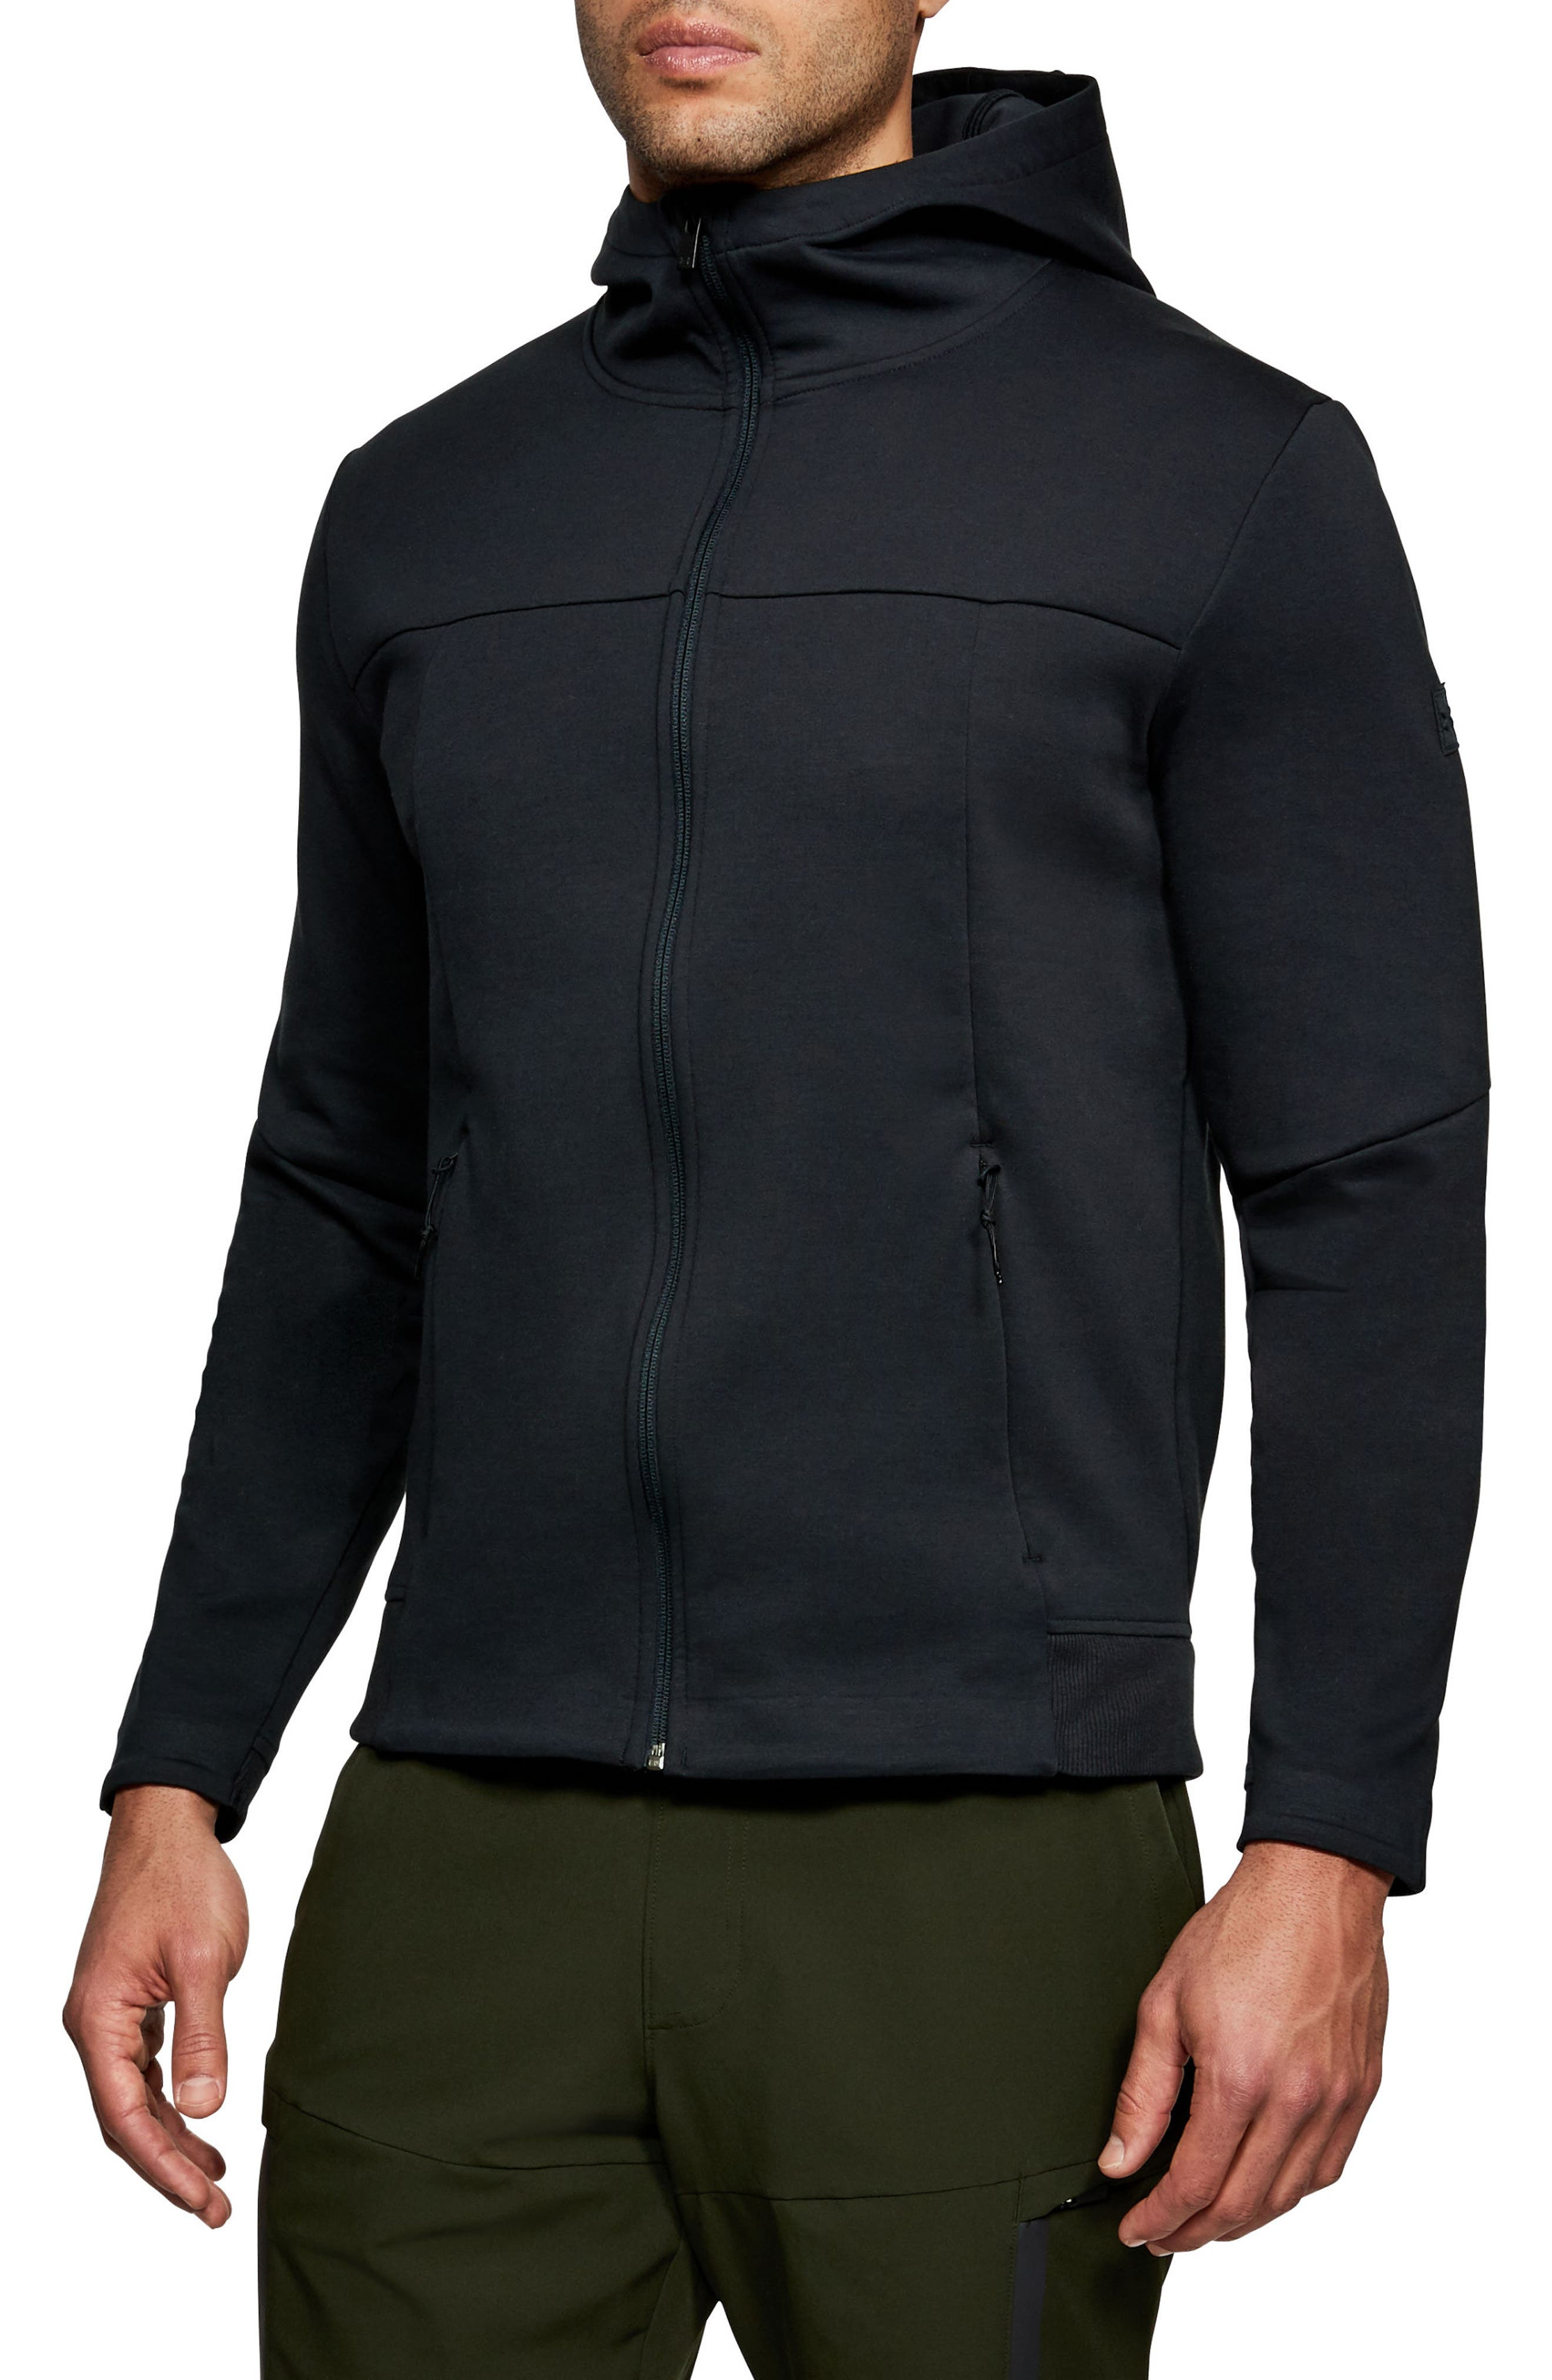 Sportstyle Elite Zip Hoodie,                         Main,                         color, Black/ Black